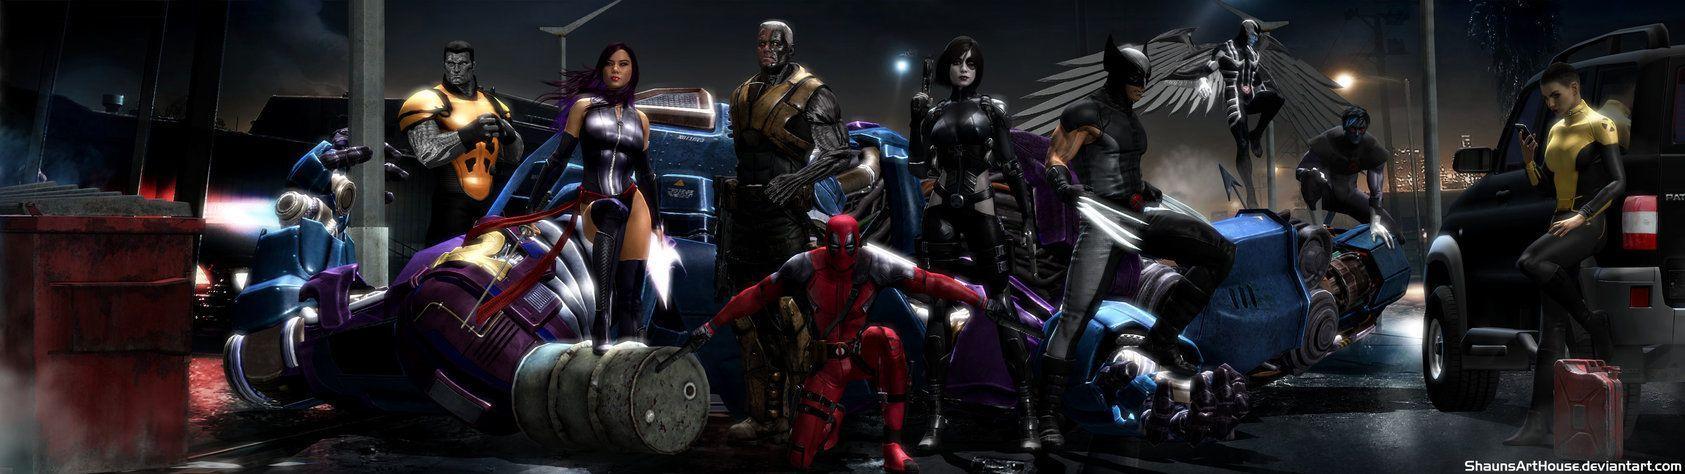 49 Best Free Deadpool 2 Screen Wallpapers